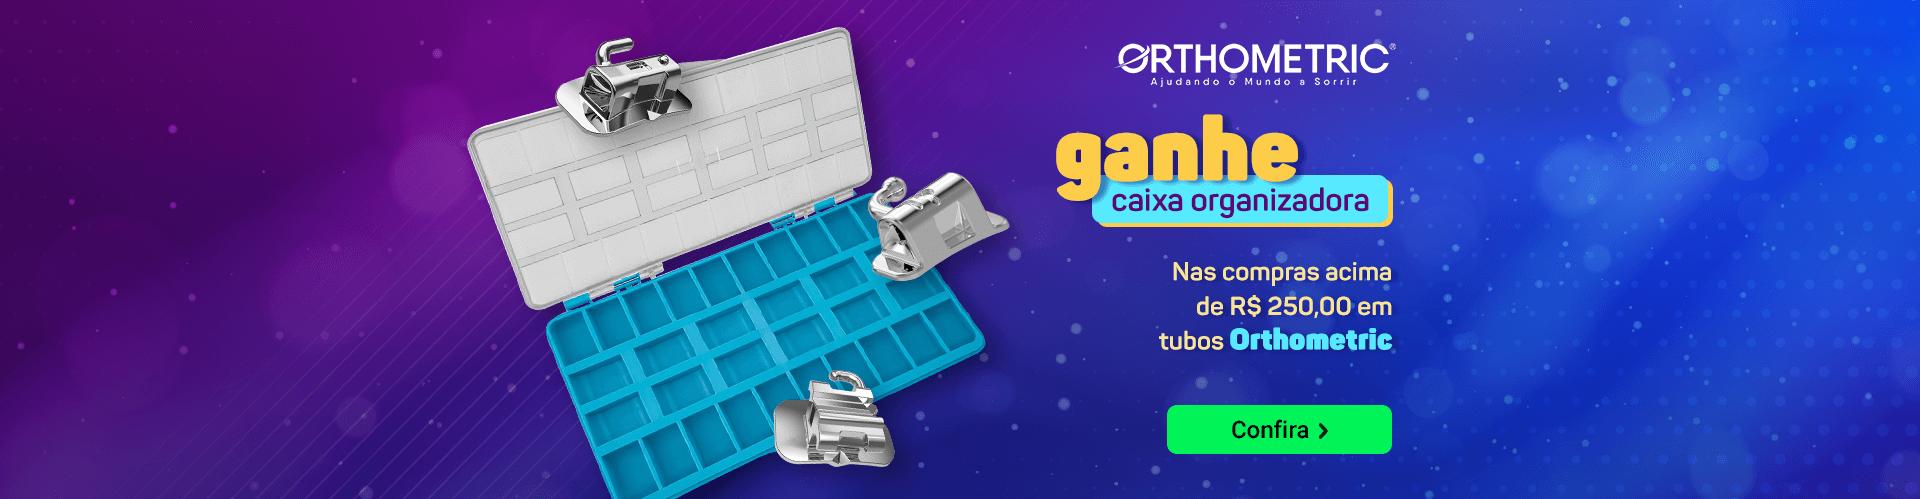 Ganhe Caixa Organizadora nas compras acima de R$ 250,00 em tubos Orthometric | Dental Cremer